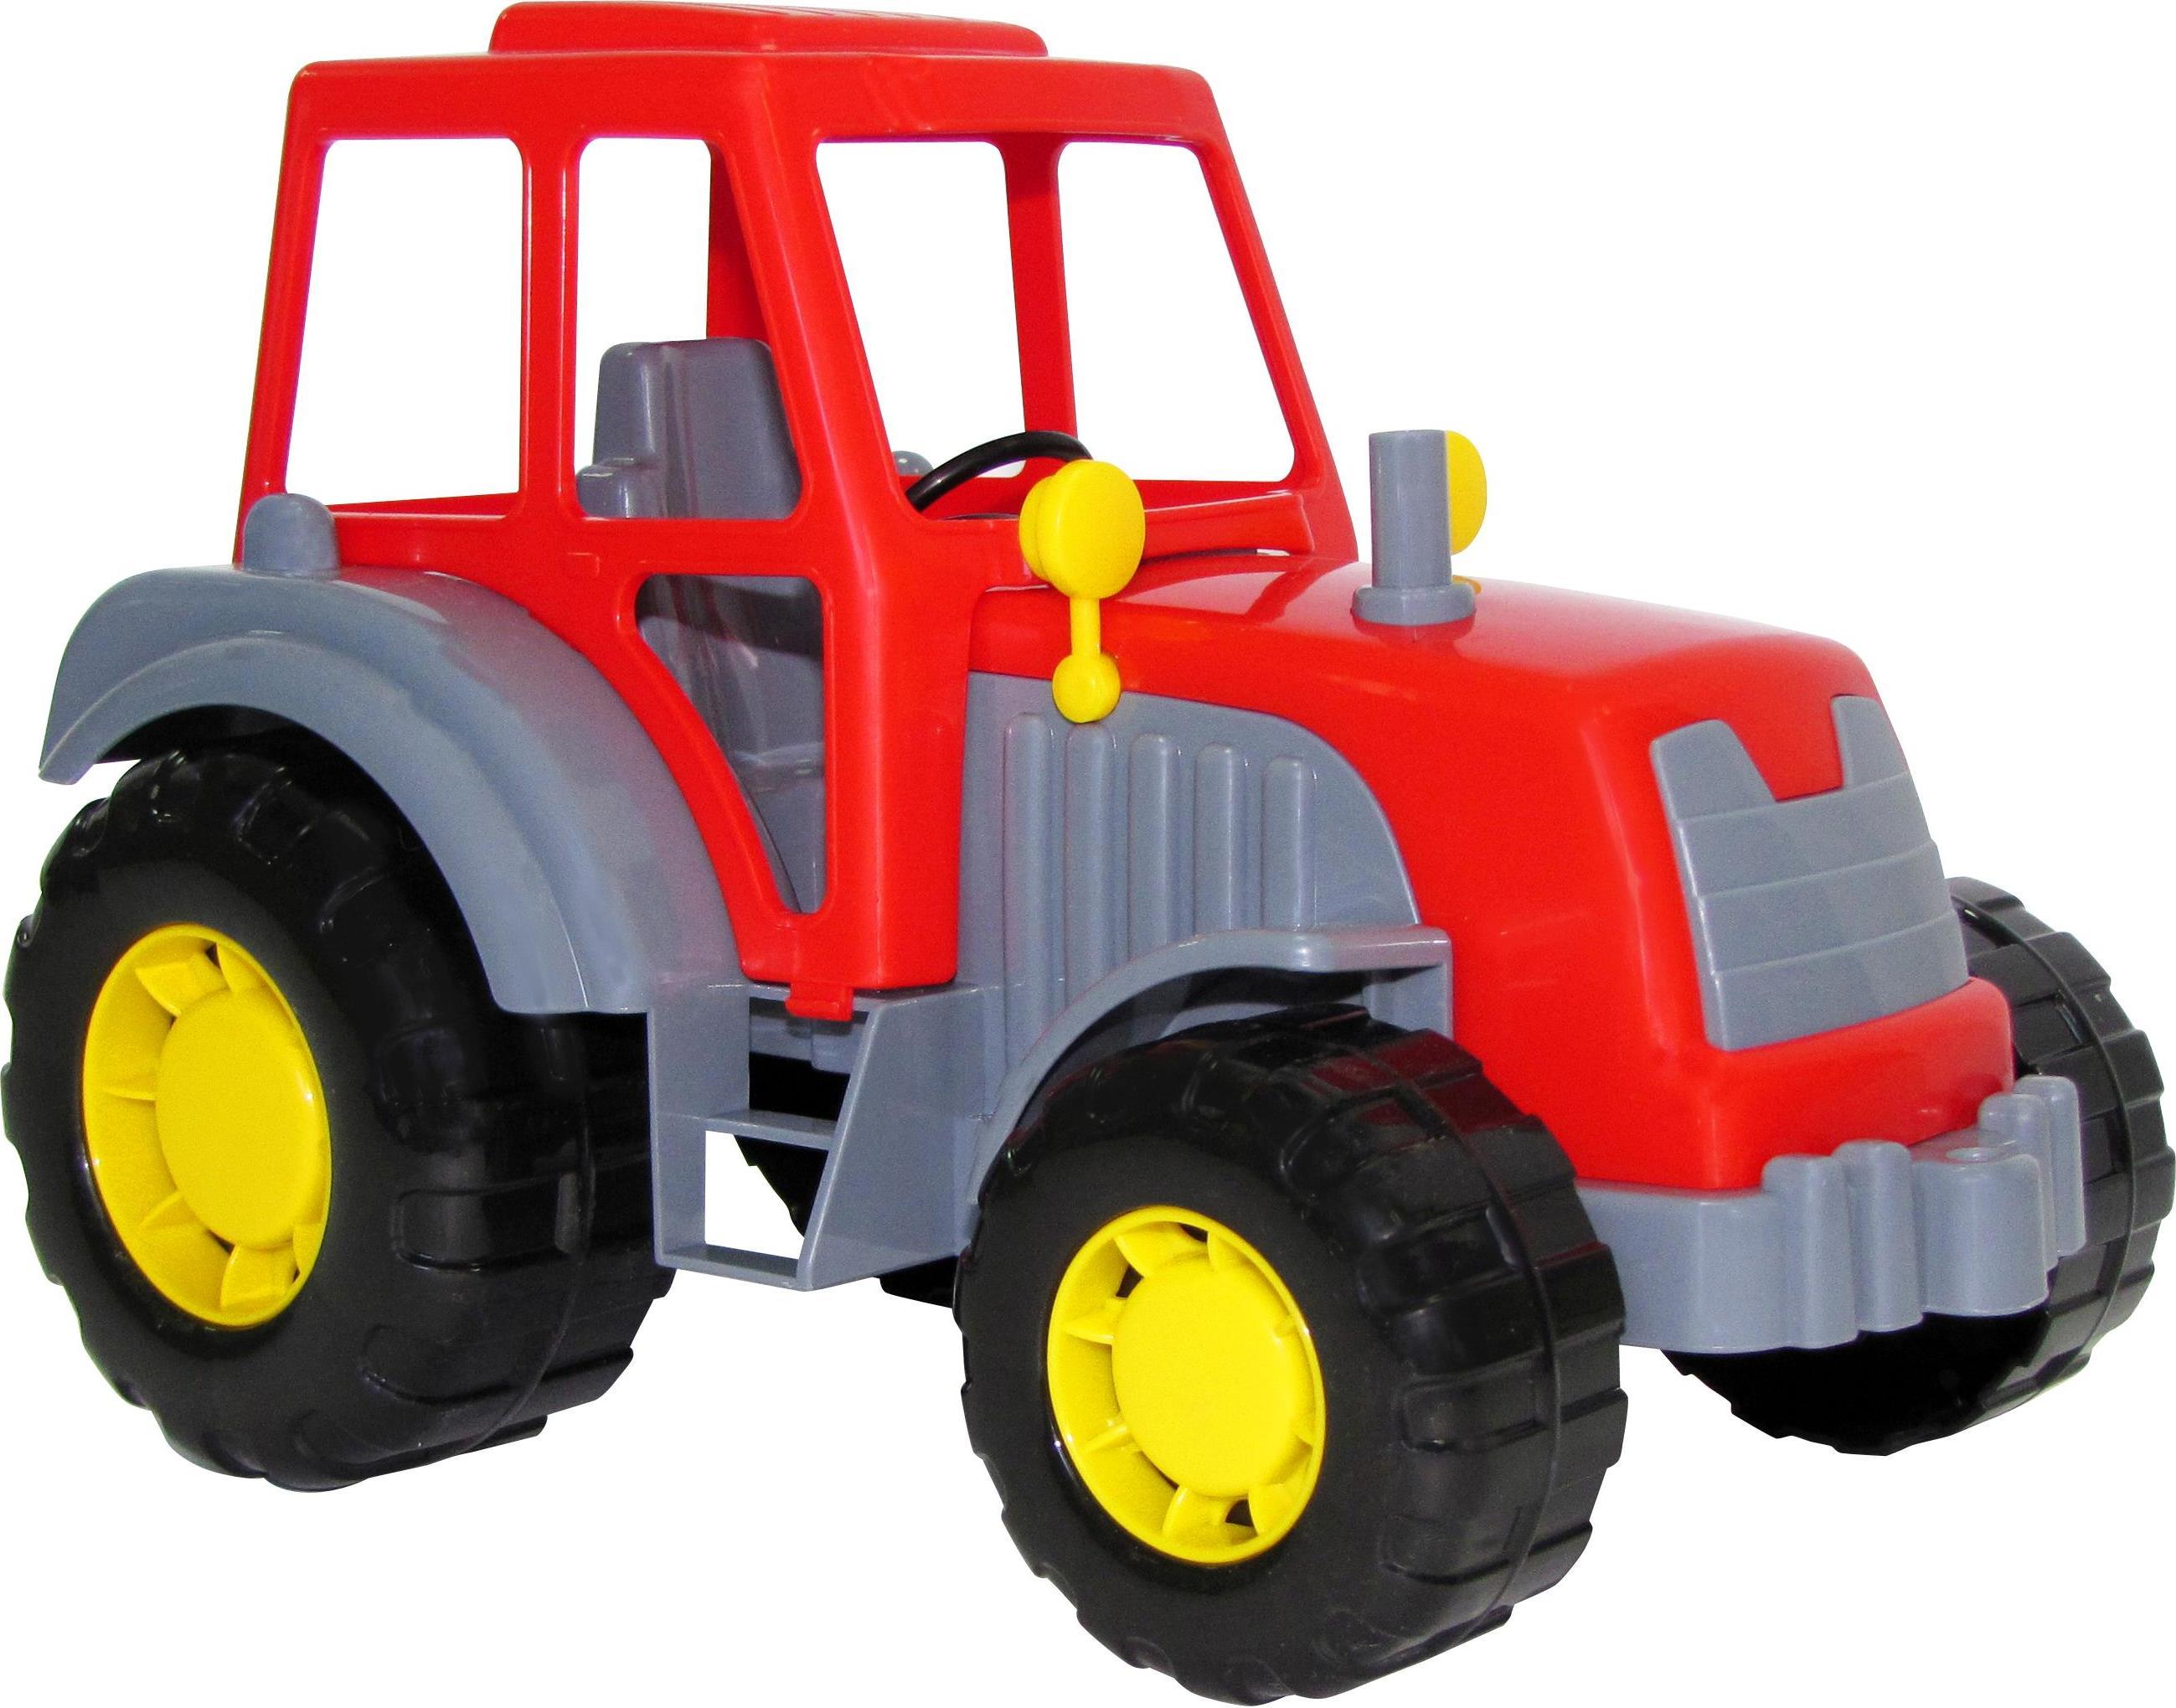 Купить Трактор Алтай, Полесье